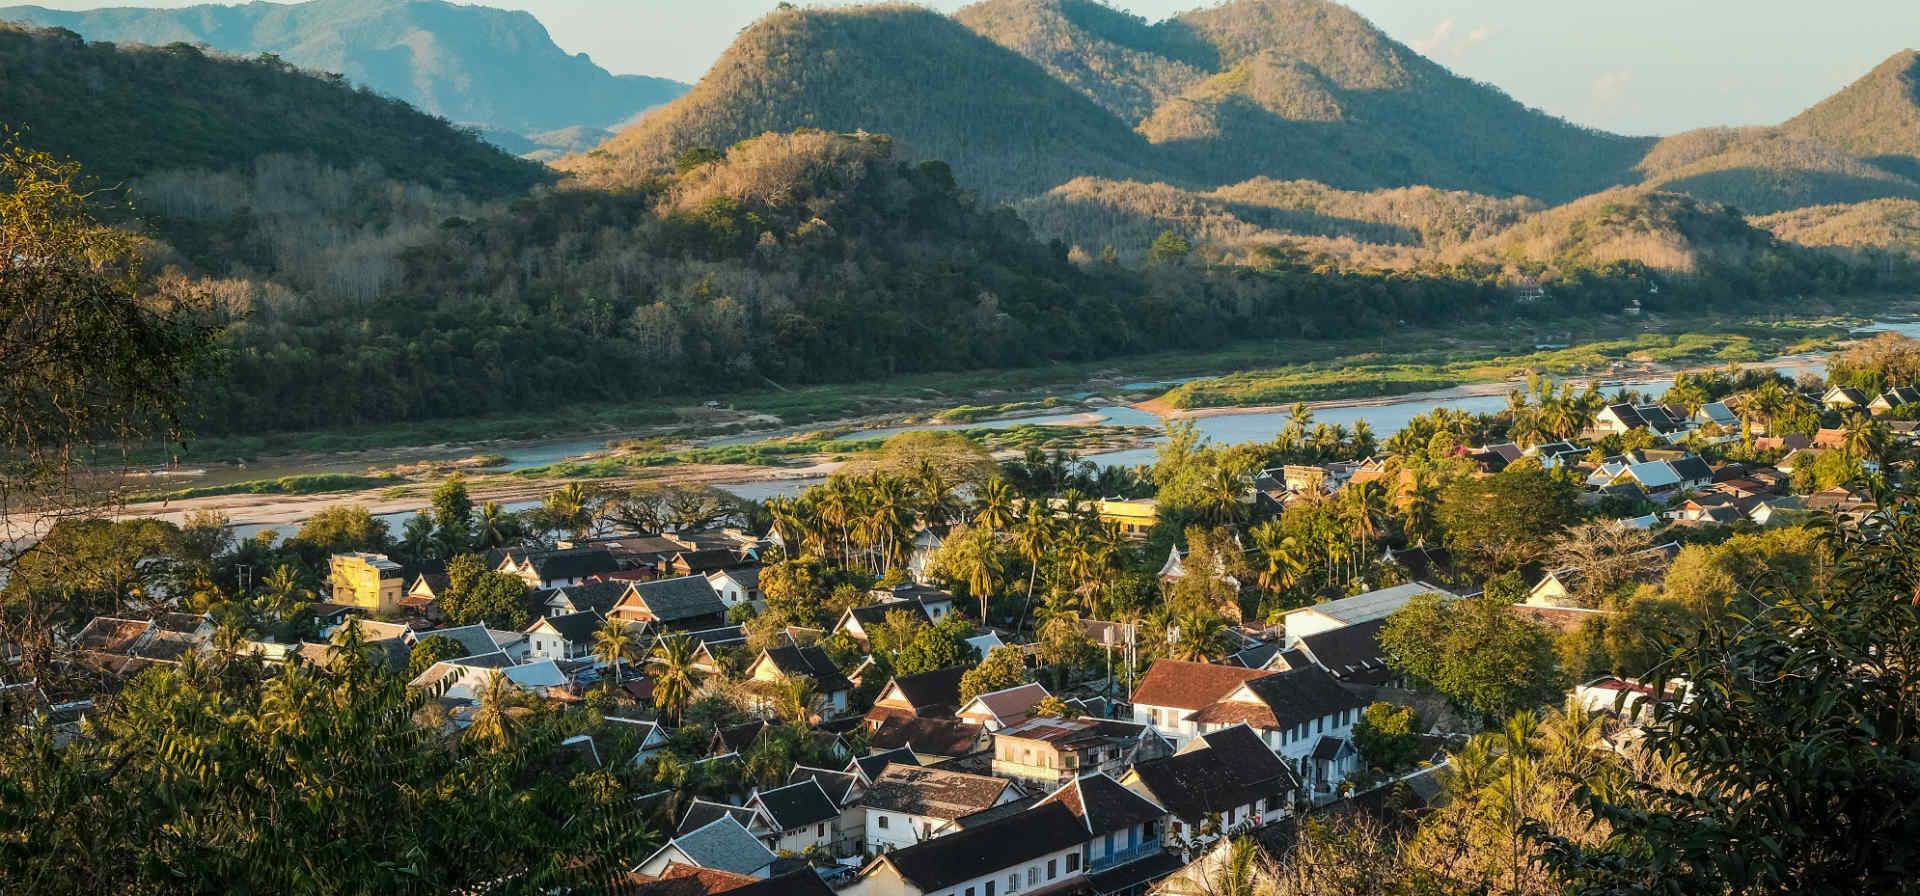 Erkundung von Laos und Nordthailand